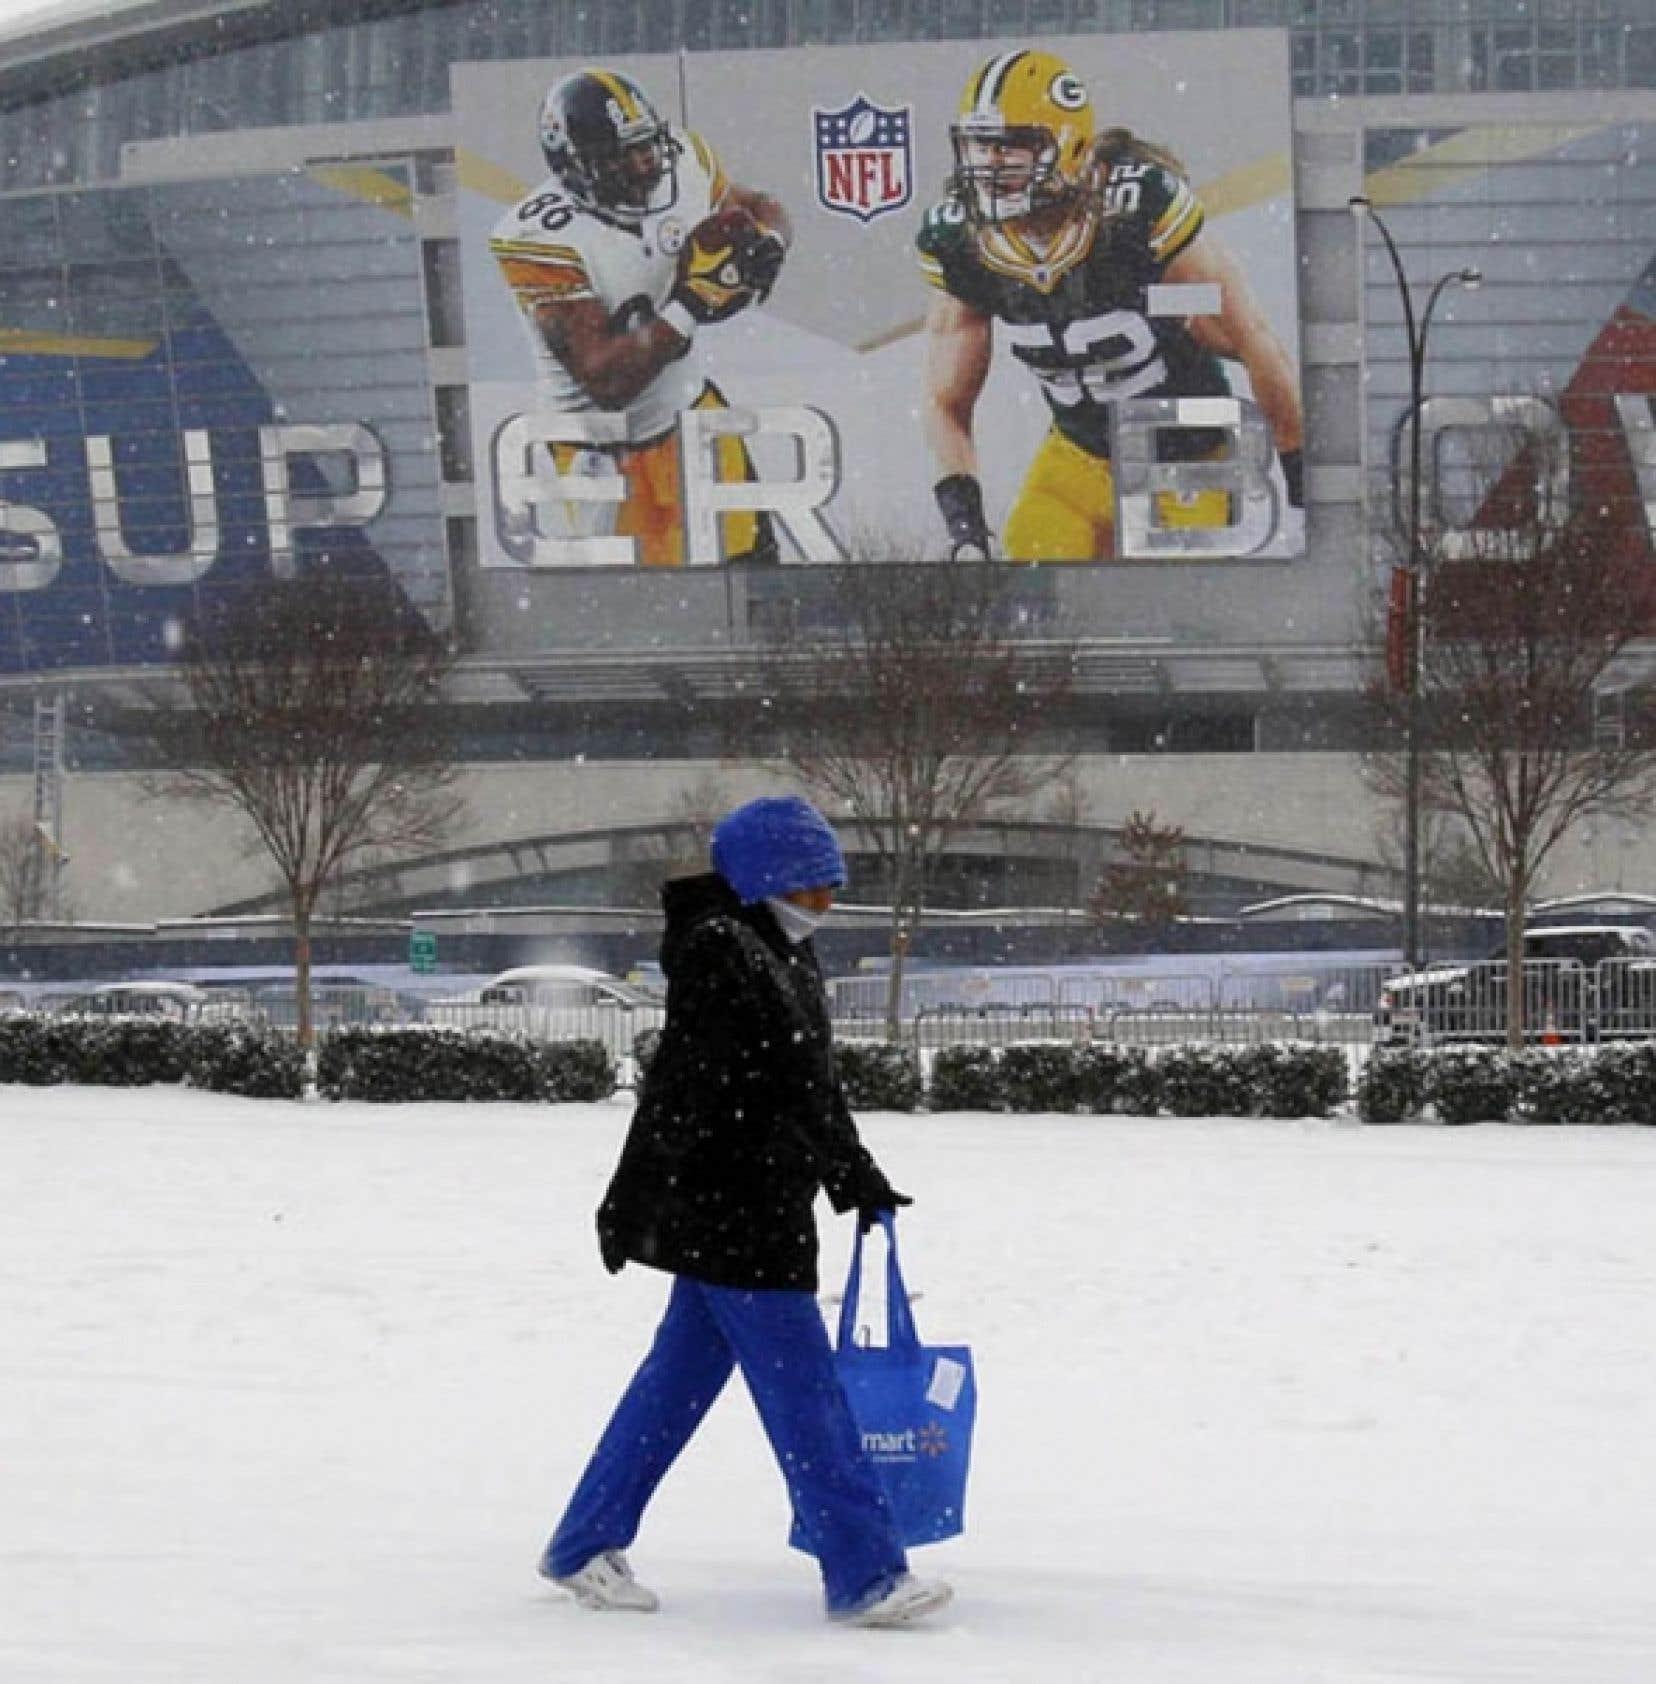 Le Cowboys Stadium d'Arlington, où sera disputé demain le Super Bowl XLV, a été inauguré en 2009. Coût de la construction: 1,3 milliard. Un toit rétractable (duquel est tombée de la glace hier, blessant six personnes) et le plus gigantesque tableau indicateur de l'univers connu.<br />